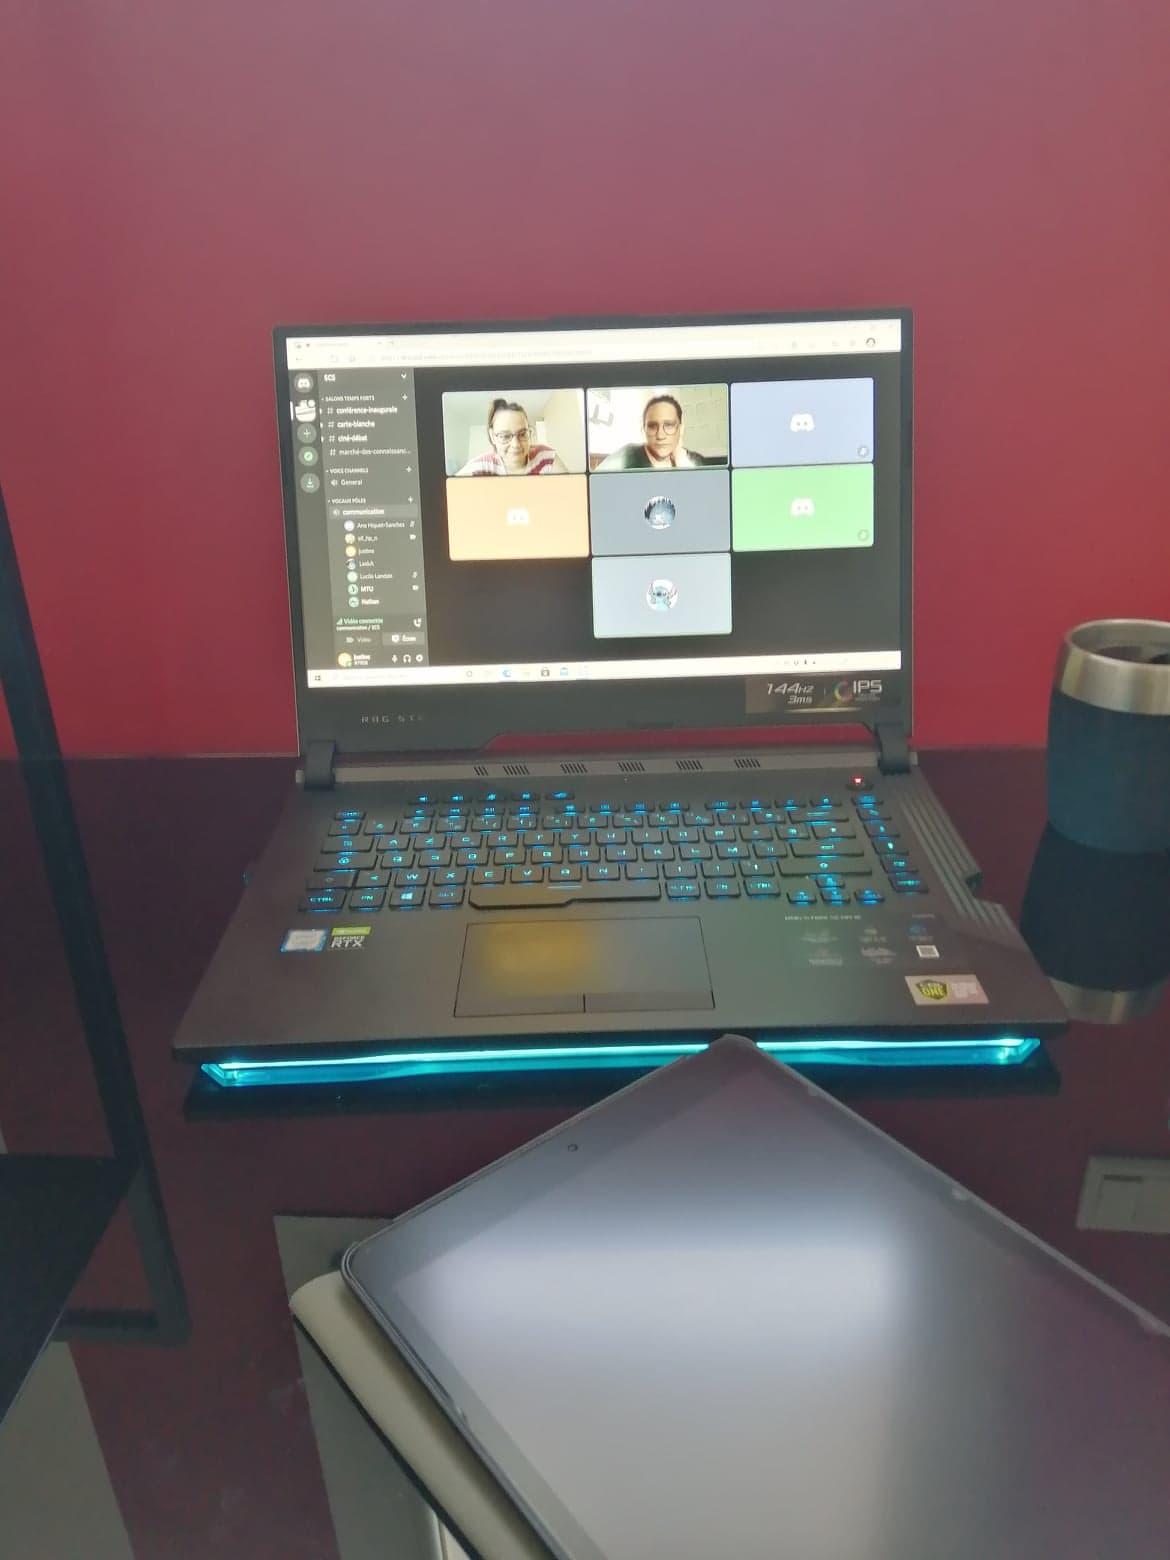 Photo d'un ordinateur portable noir posé sur un bureau noir. Sur l'écran de l'ordinateur on peut voir une réunion en visioconférence. C'est comme cela que les enseignements ont pu être maintenus à distance.